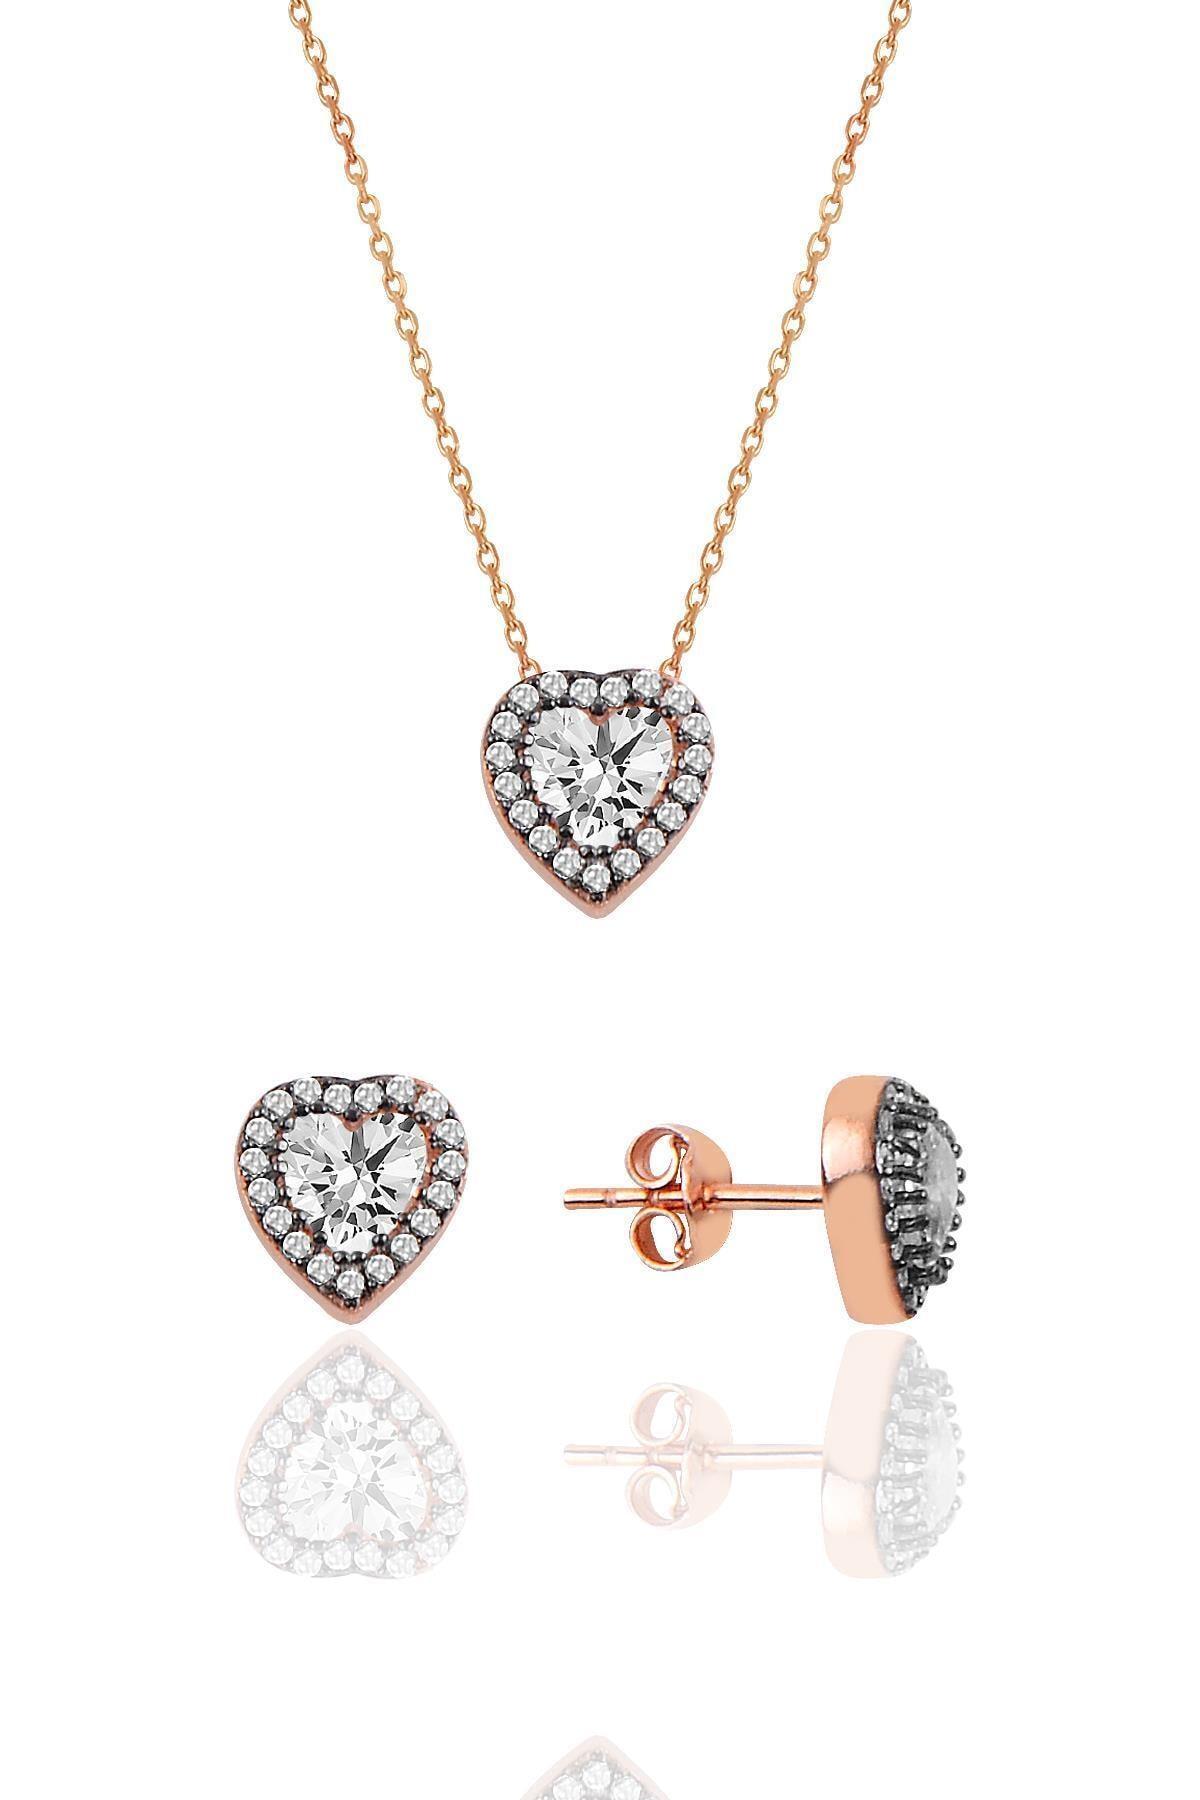 Söğütlü Silver Gümüş Elmas Montürlü Kalp Modeli Ikili Set 1